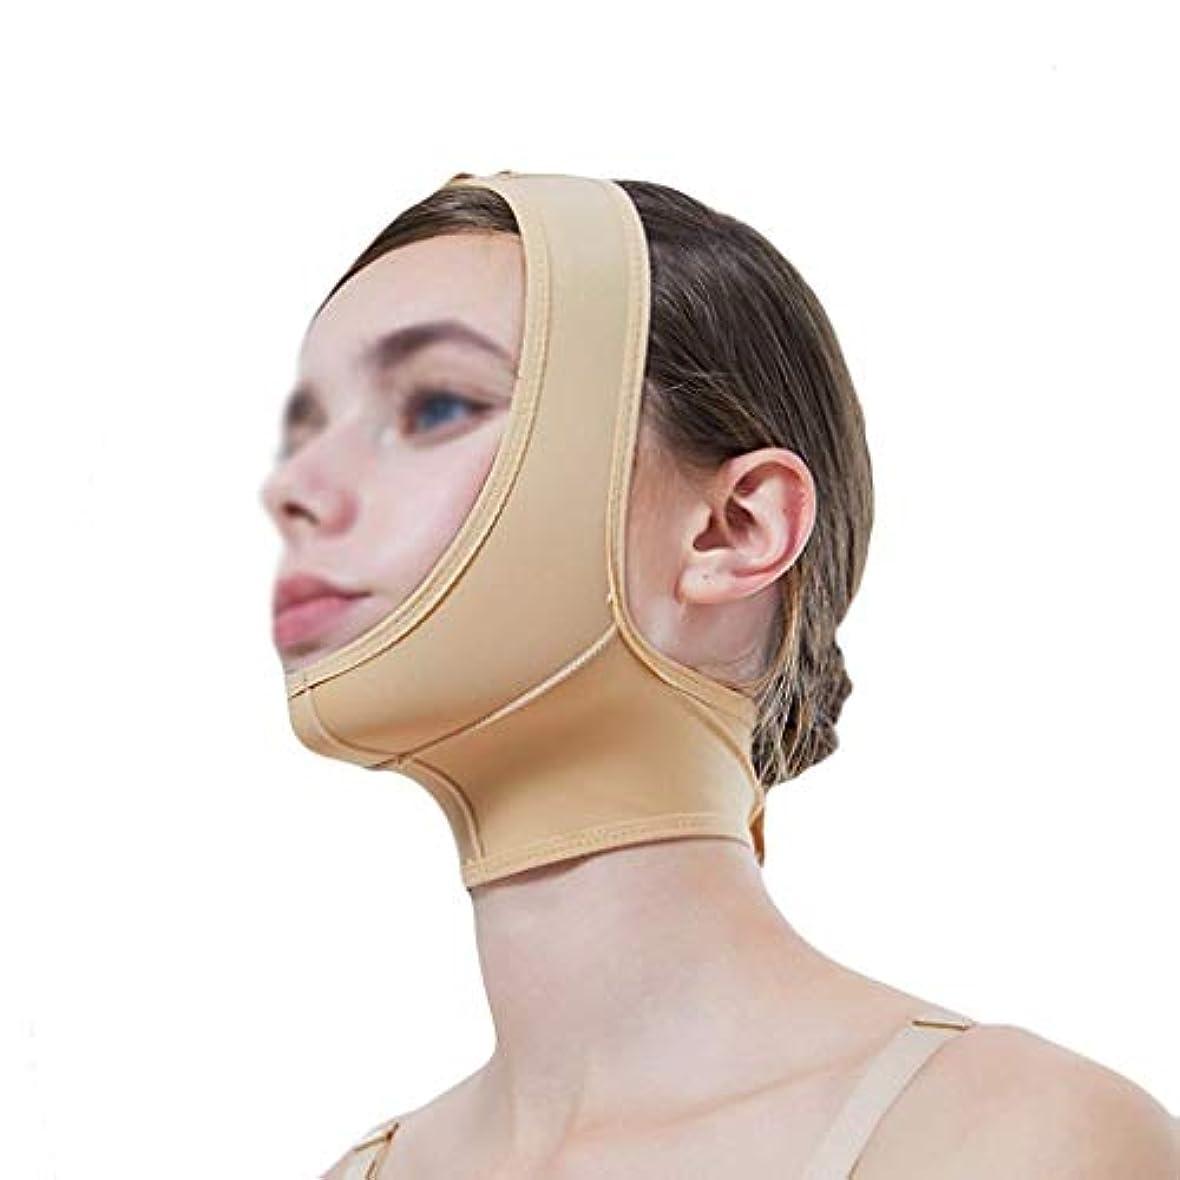 マスク、超薄型ベルト、フェイスリフティングに適し、フェイスリフティング、通気性包帯、あご取りベルト、超薄型ベルト、通気性(サイズ:XL),XS